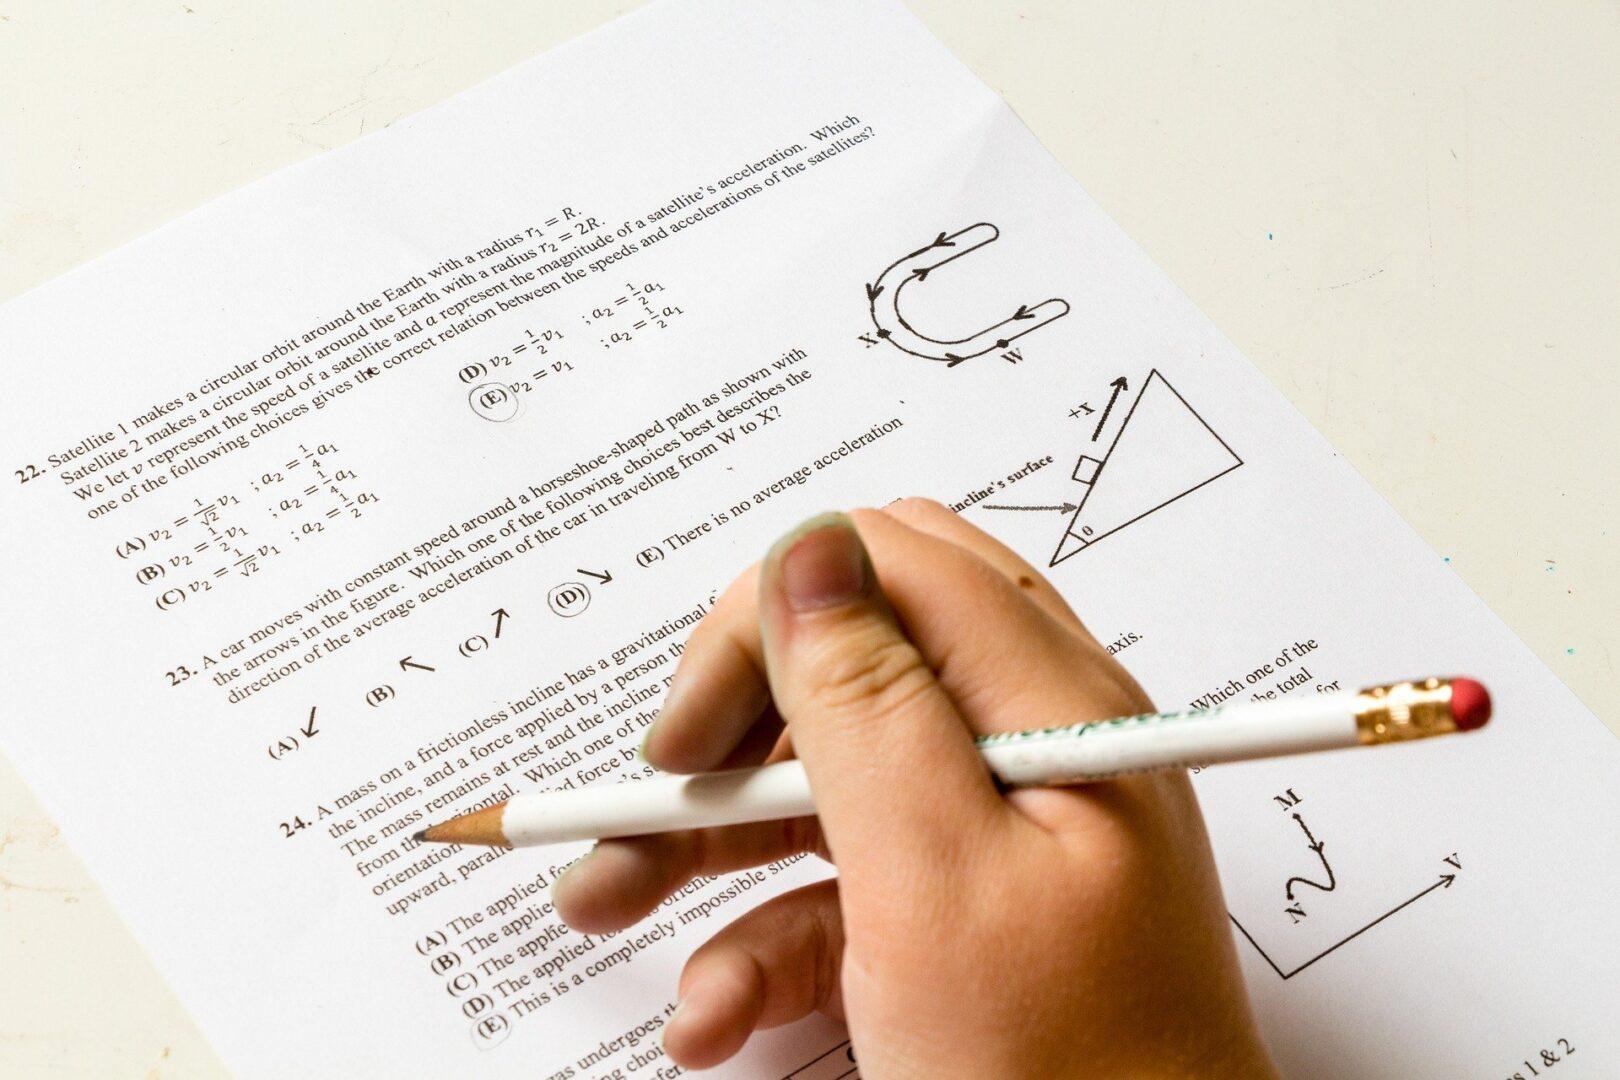 Matematika ni več tako »sovražno okolje«, če otrok korak za korakom spoznava osnovne zakonitosti in se uči njihovega razumevanja.